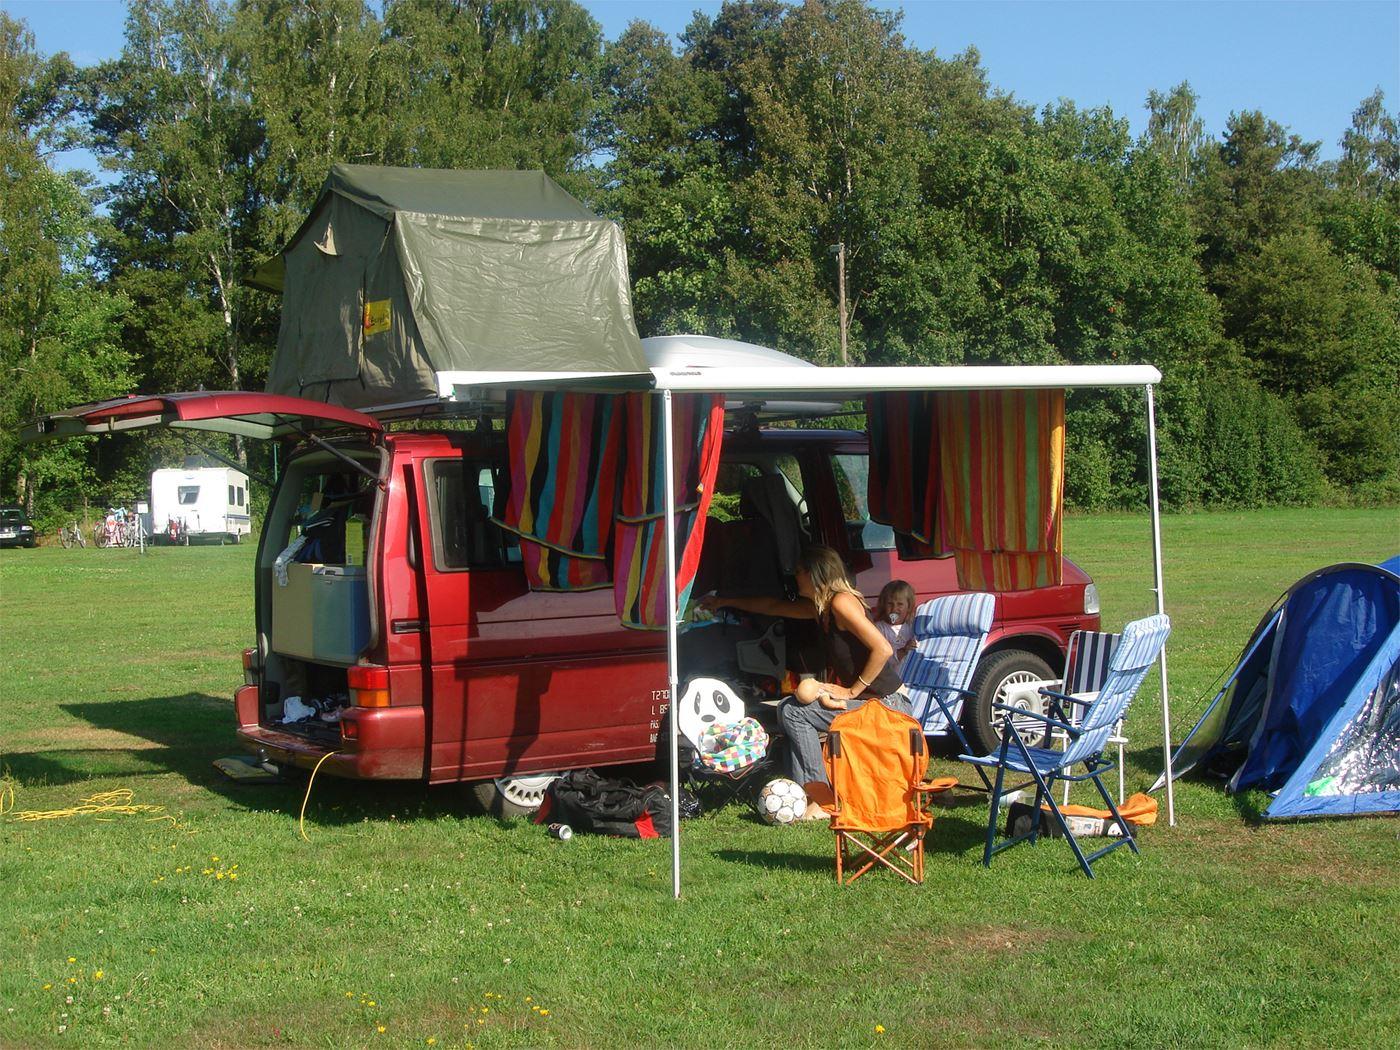 Breviks Camping & Ställplats/Camping